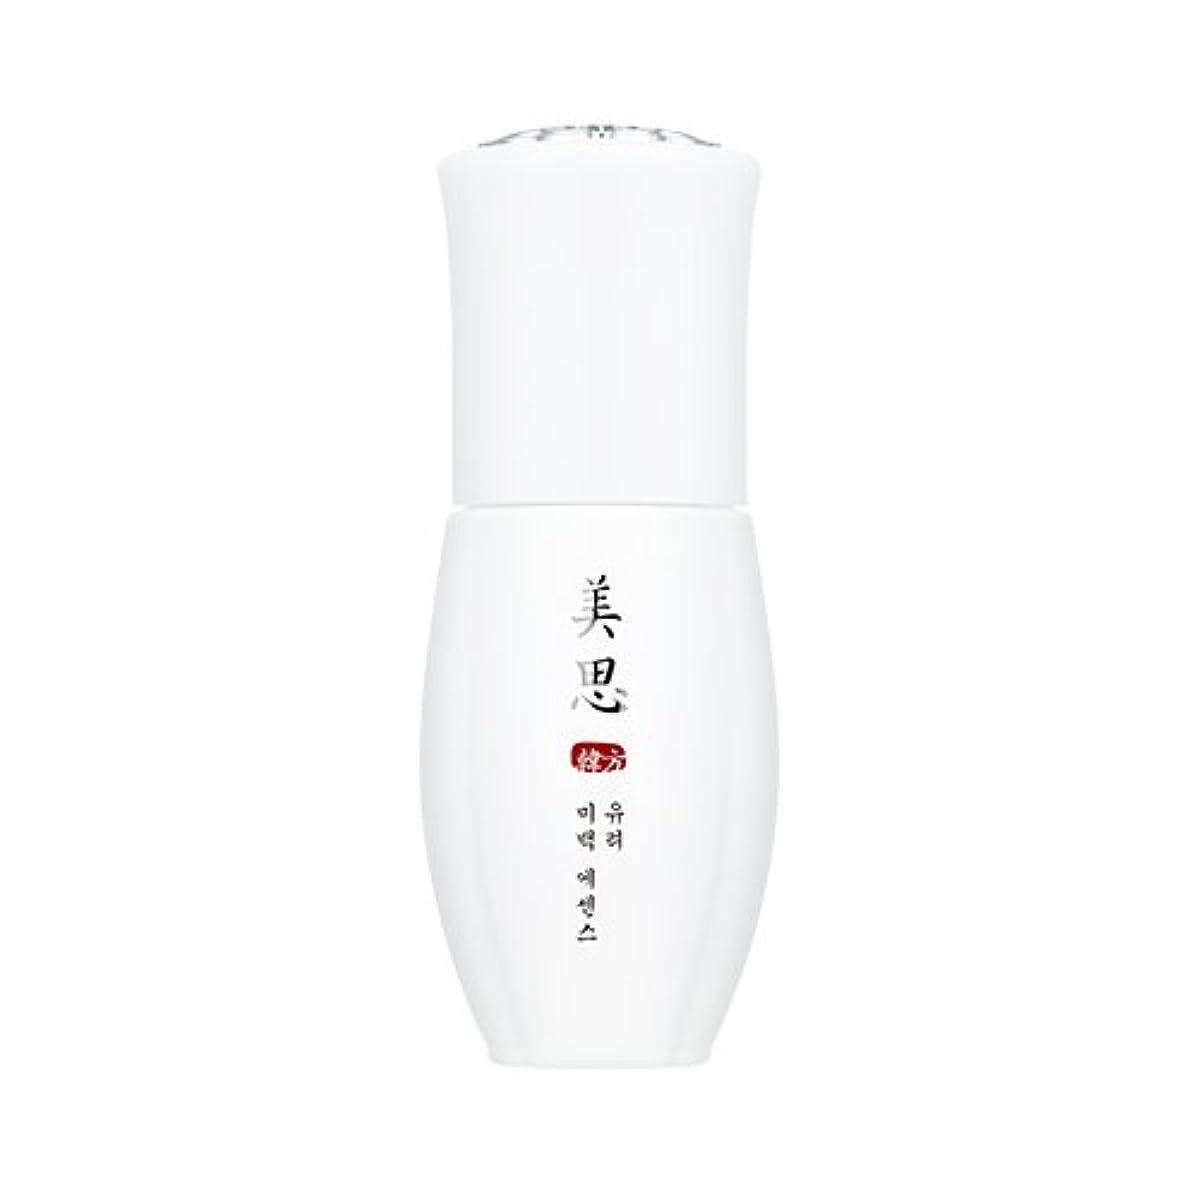 虫減衰広告するMissha Misa YuRyeo Whitening Essence 40ml / ミシャ 美思 流麗 美白 エッセンス 40ml [並行輸入品]